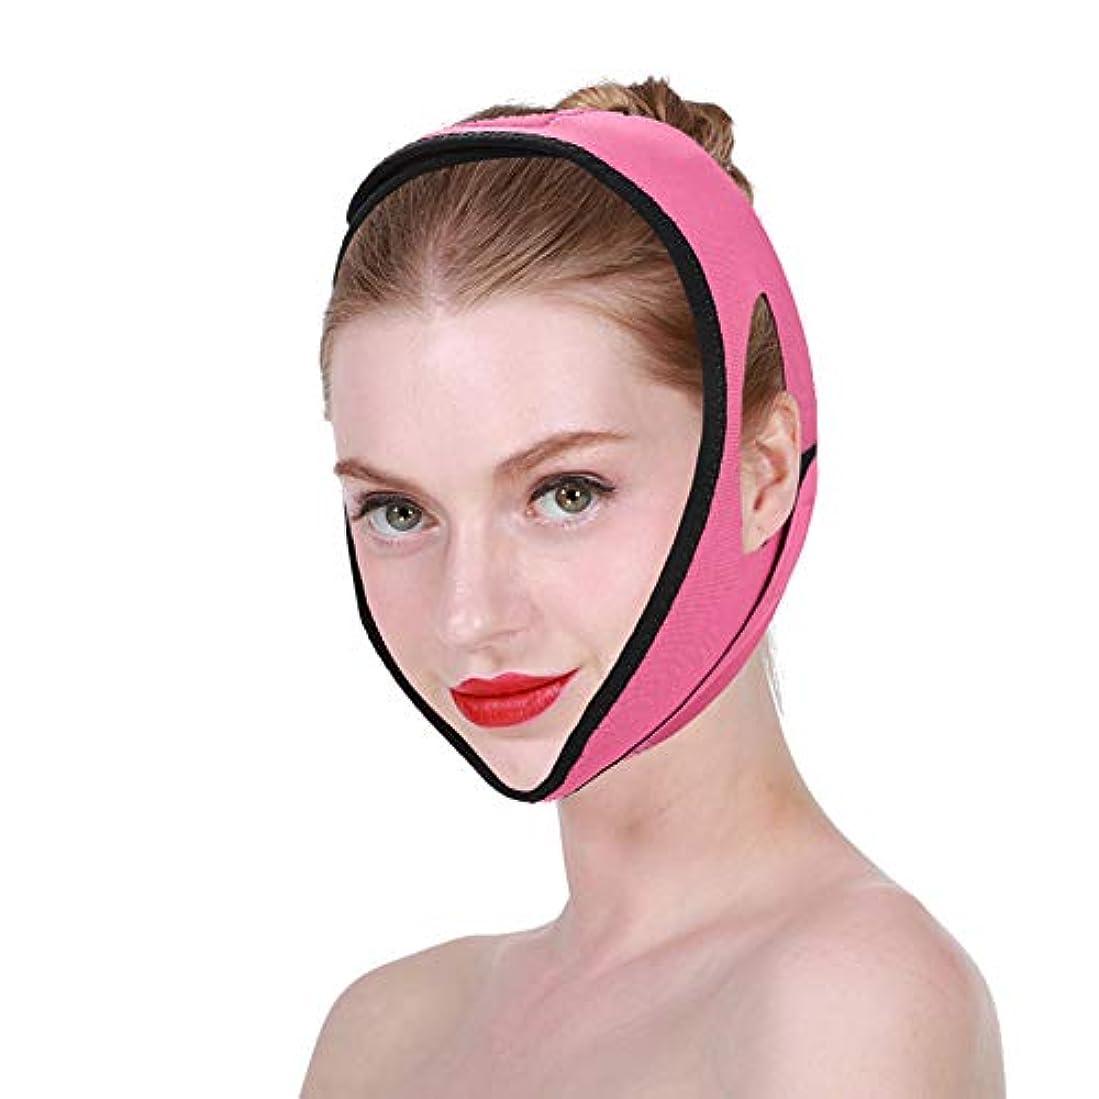 兵器庫制限に頼るフェイシャルスリミングマスク、フェイスベルト 顔の包帯スリミングダブルチンVラインとフェイシャルケアファーミングスキン超薄型 クラインベルト (Red)